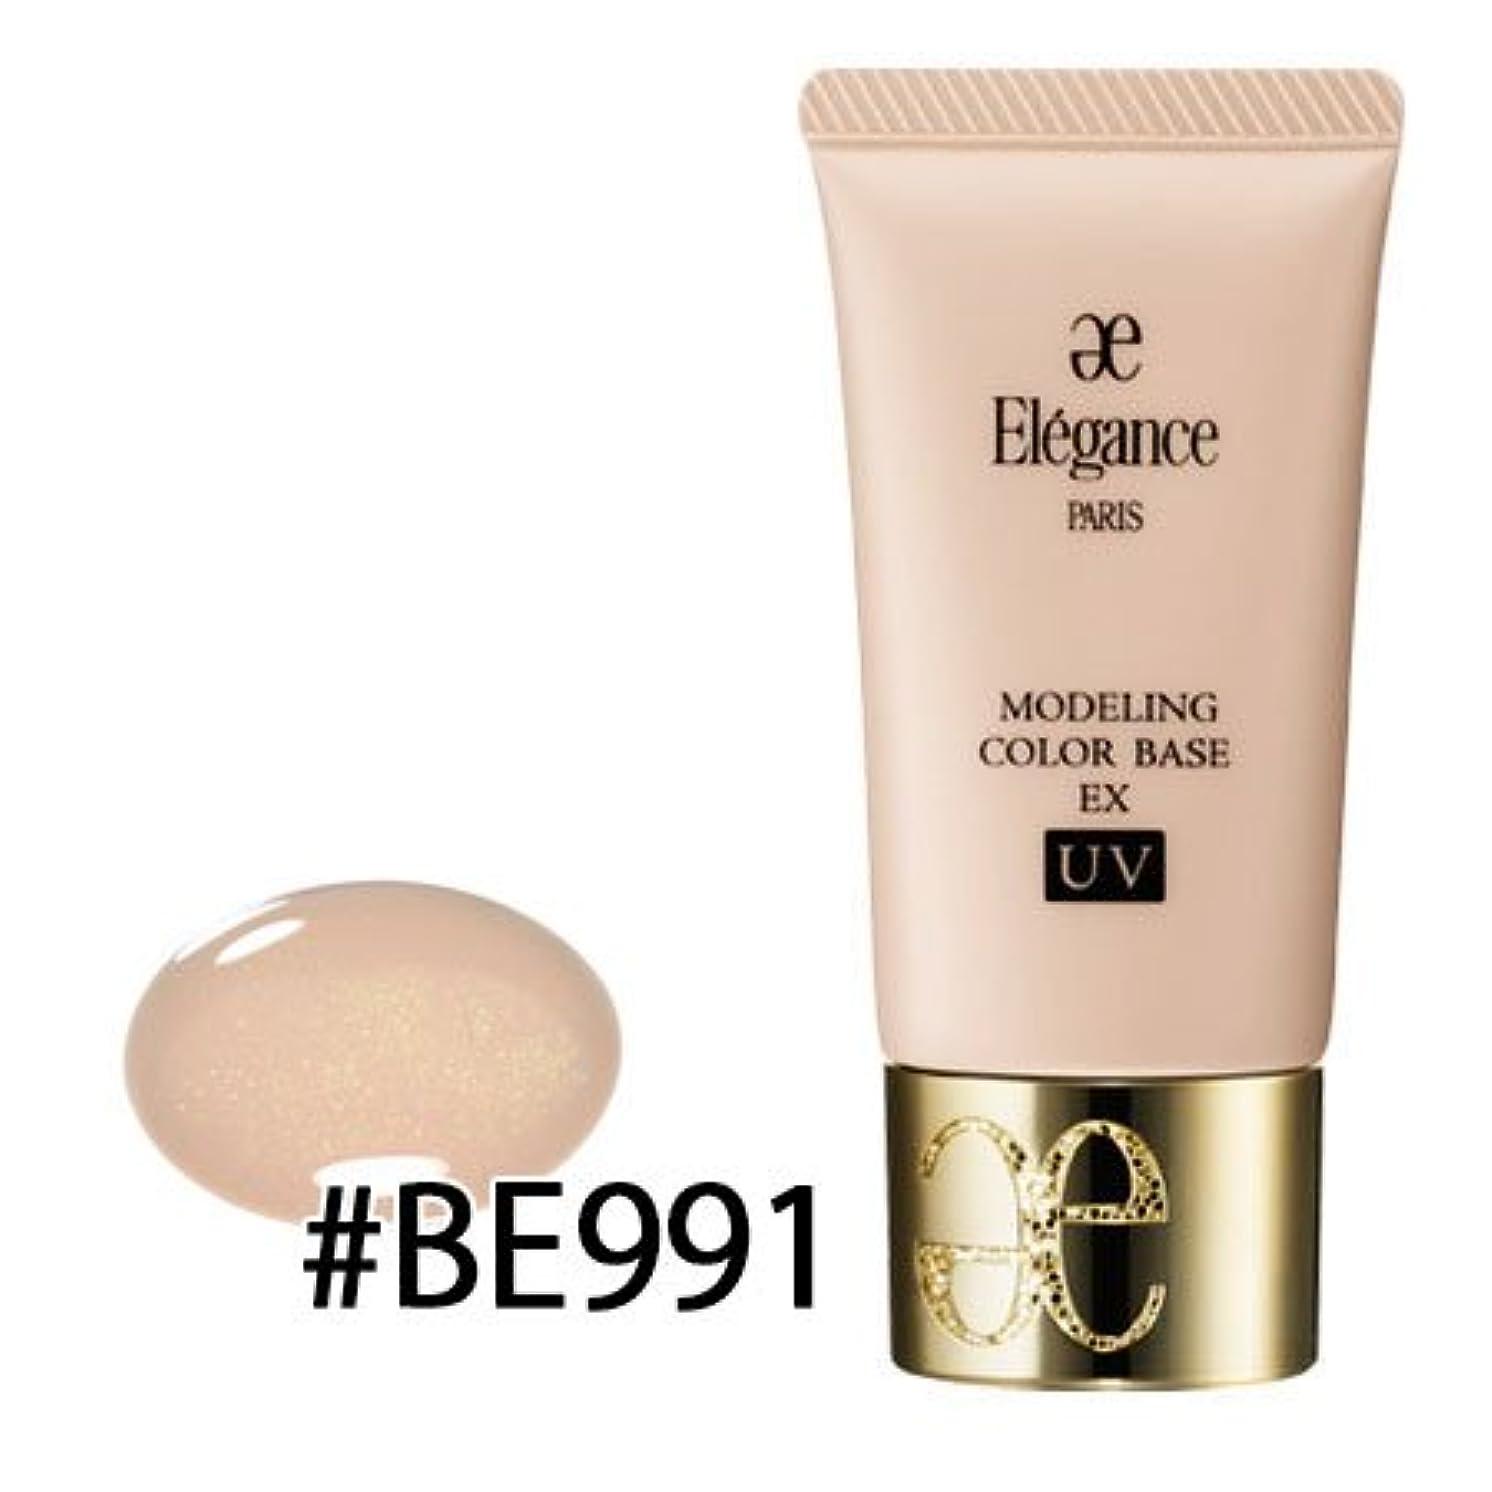 精神医学窒素協力エレガンス モデリング カラーベース EX UV #BE991